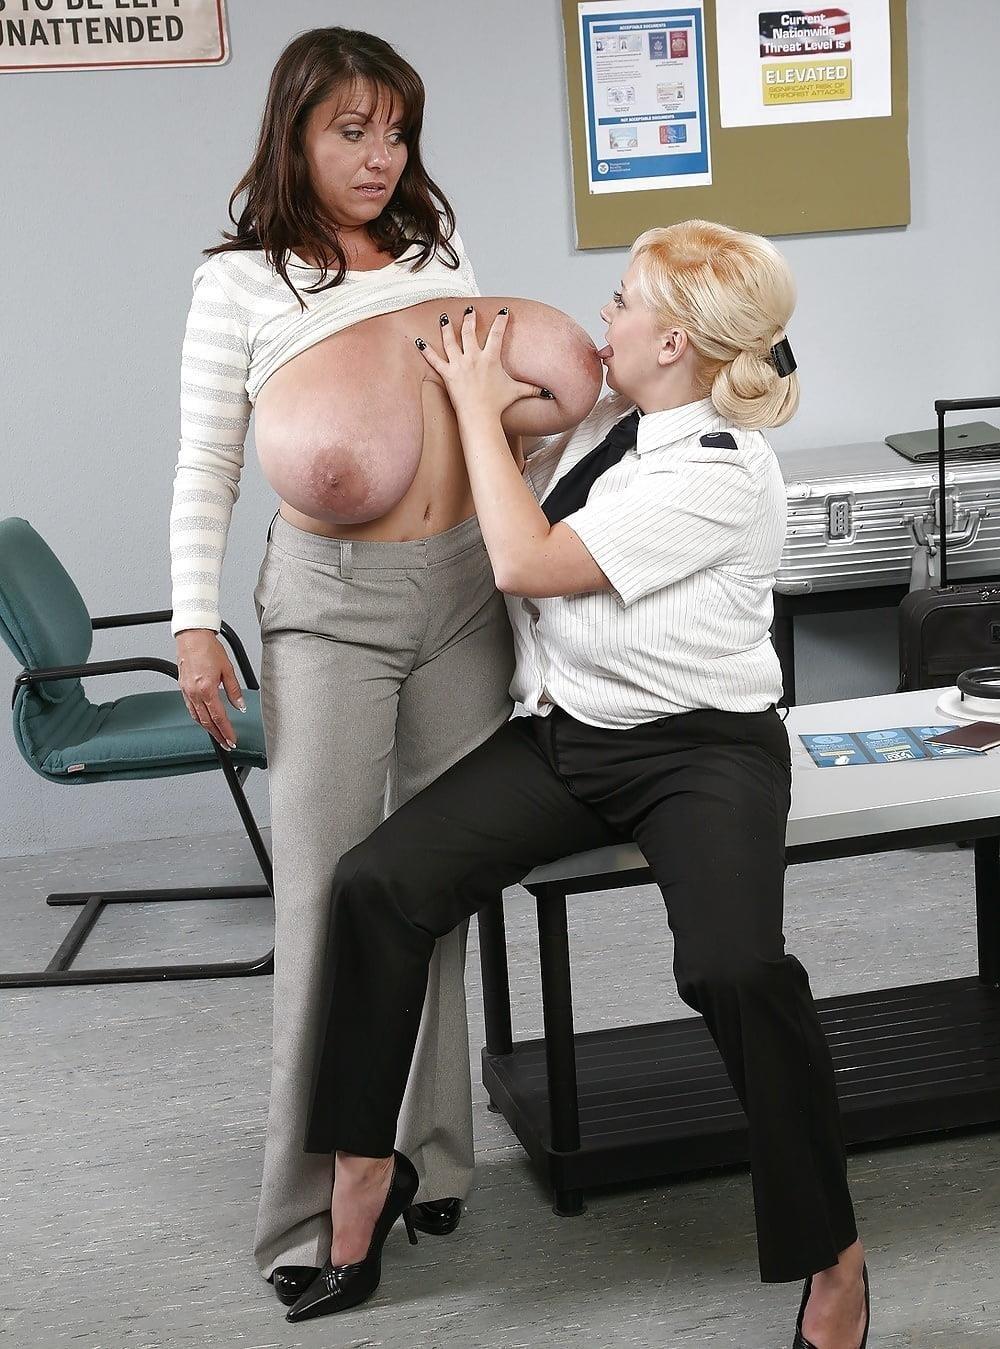 Nude big boobs lesbians-5941